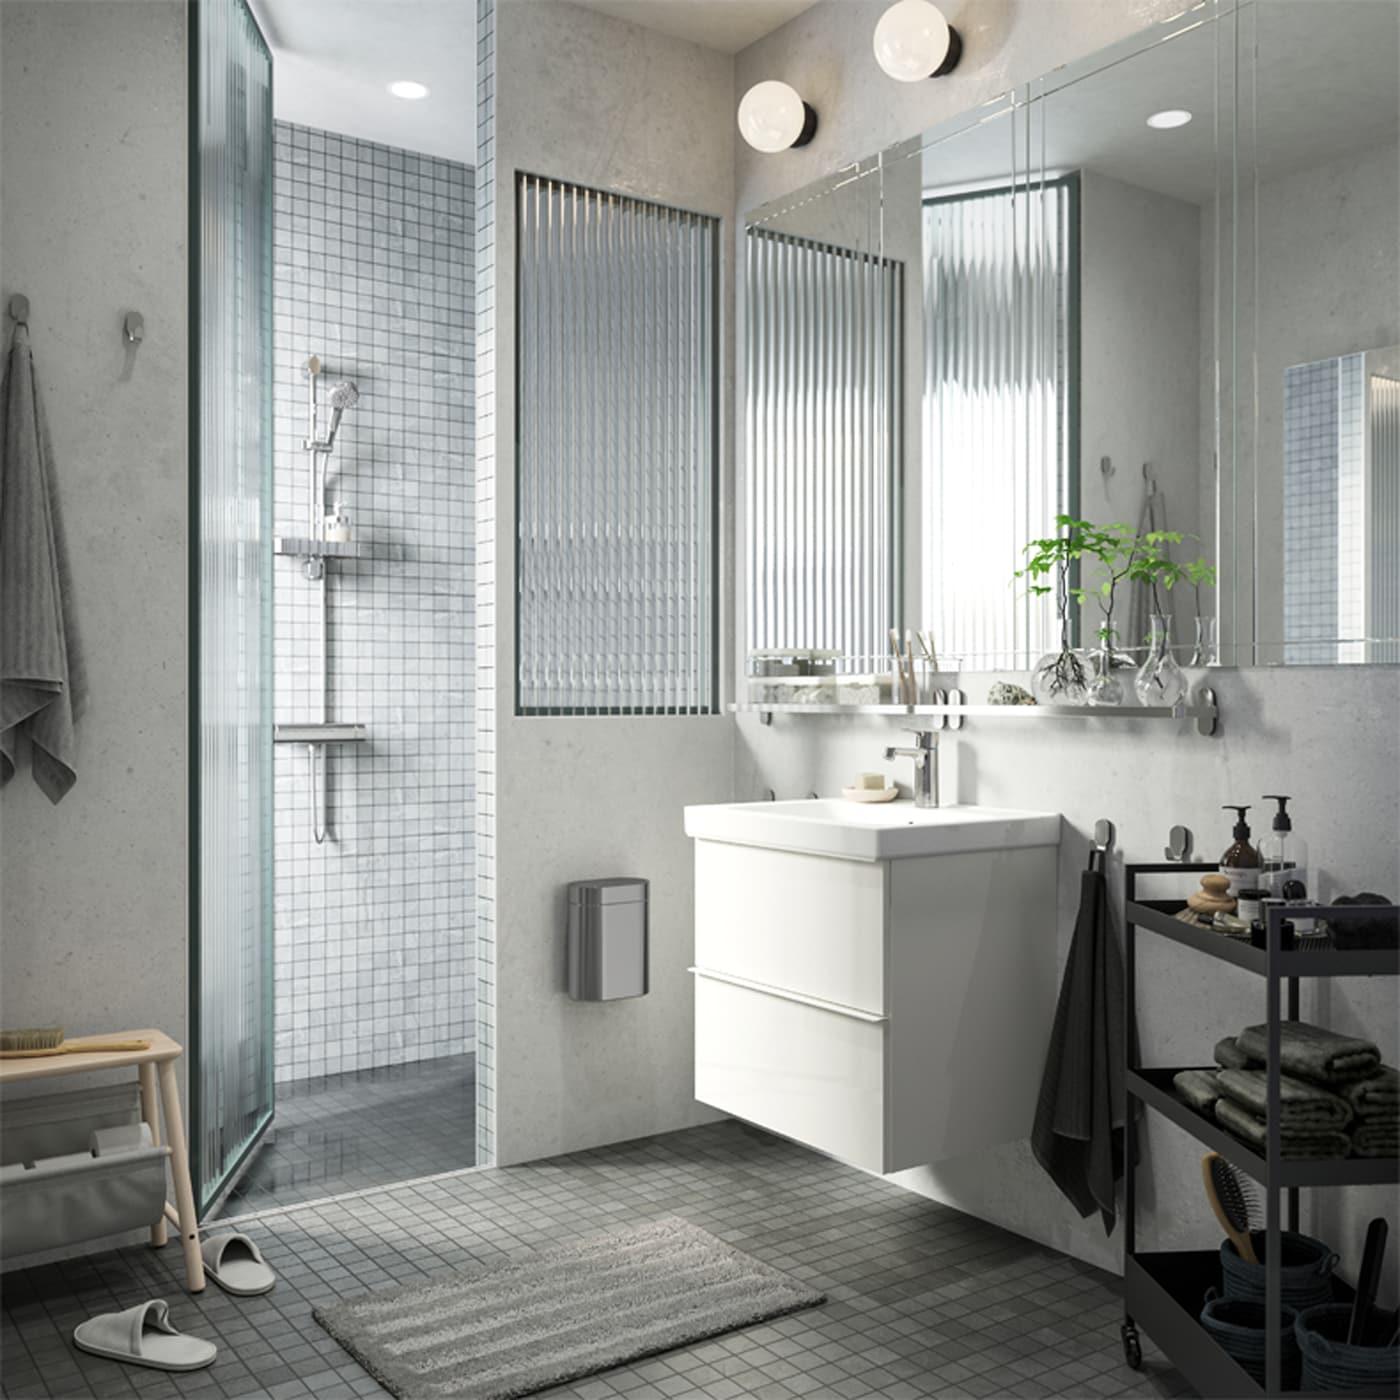 Modernes Badezimmer Grau-Weiß gestalten - IKEA Deutschland